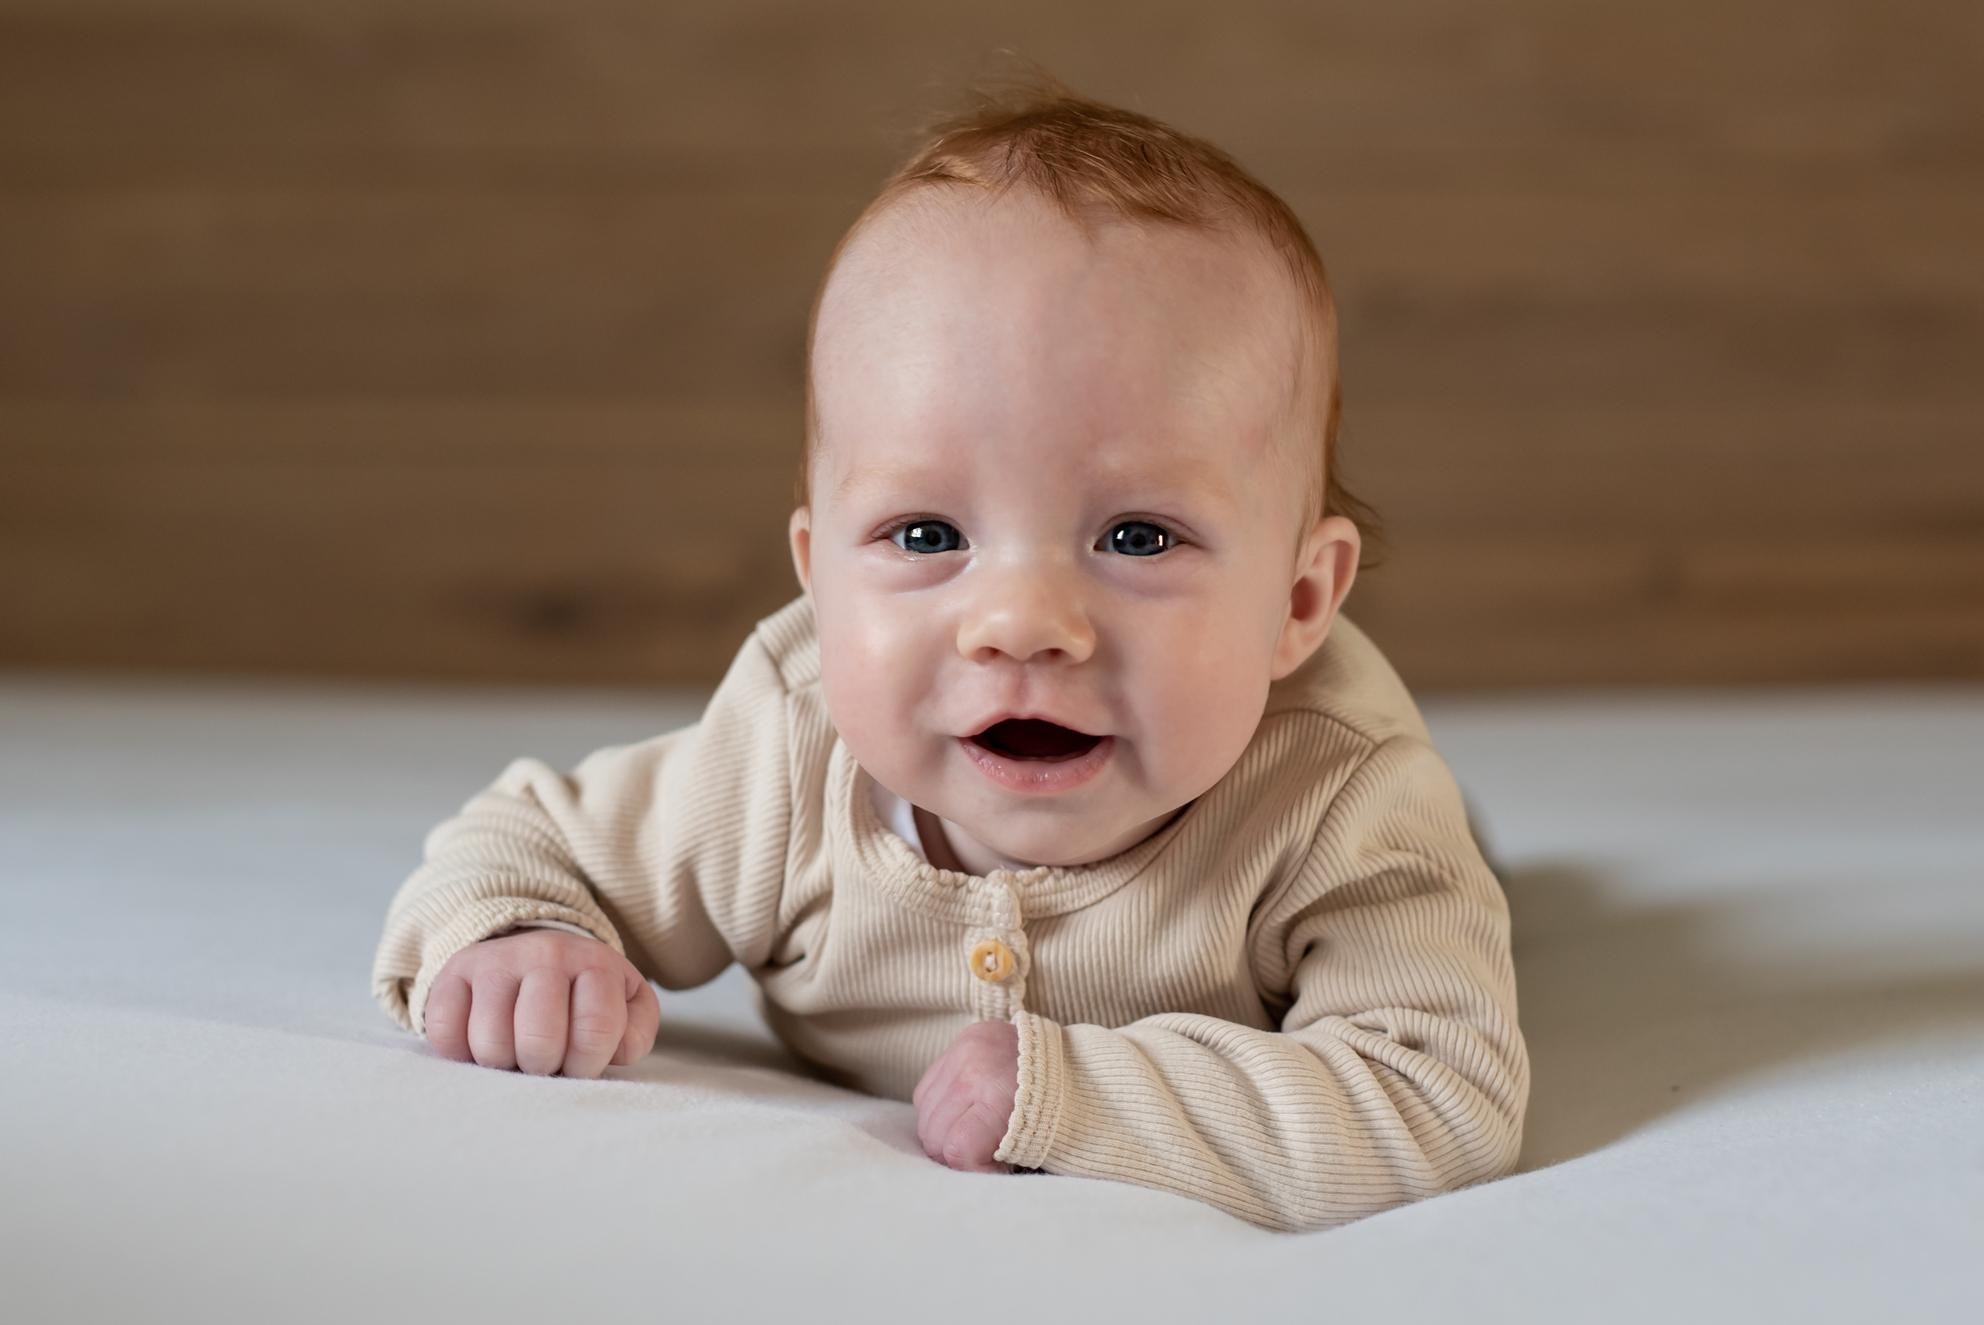 Baby fotografie - Deze vrolijke dame had wel zin in de fotoreportage - foto door nathaliedb op 08-04-2021 - locatie: In beeld bij Nathalie - deze foto bevat: baby, newborn, babyfotografie, redhead, vrolijk, lachen, newbornforografie, neus, gezicht, wang, glimlach, baby kruipen, oog, tijd om je baby op de buik te leggen, baby- en peuterkleding, mouw, gelukkig